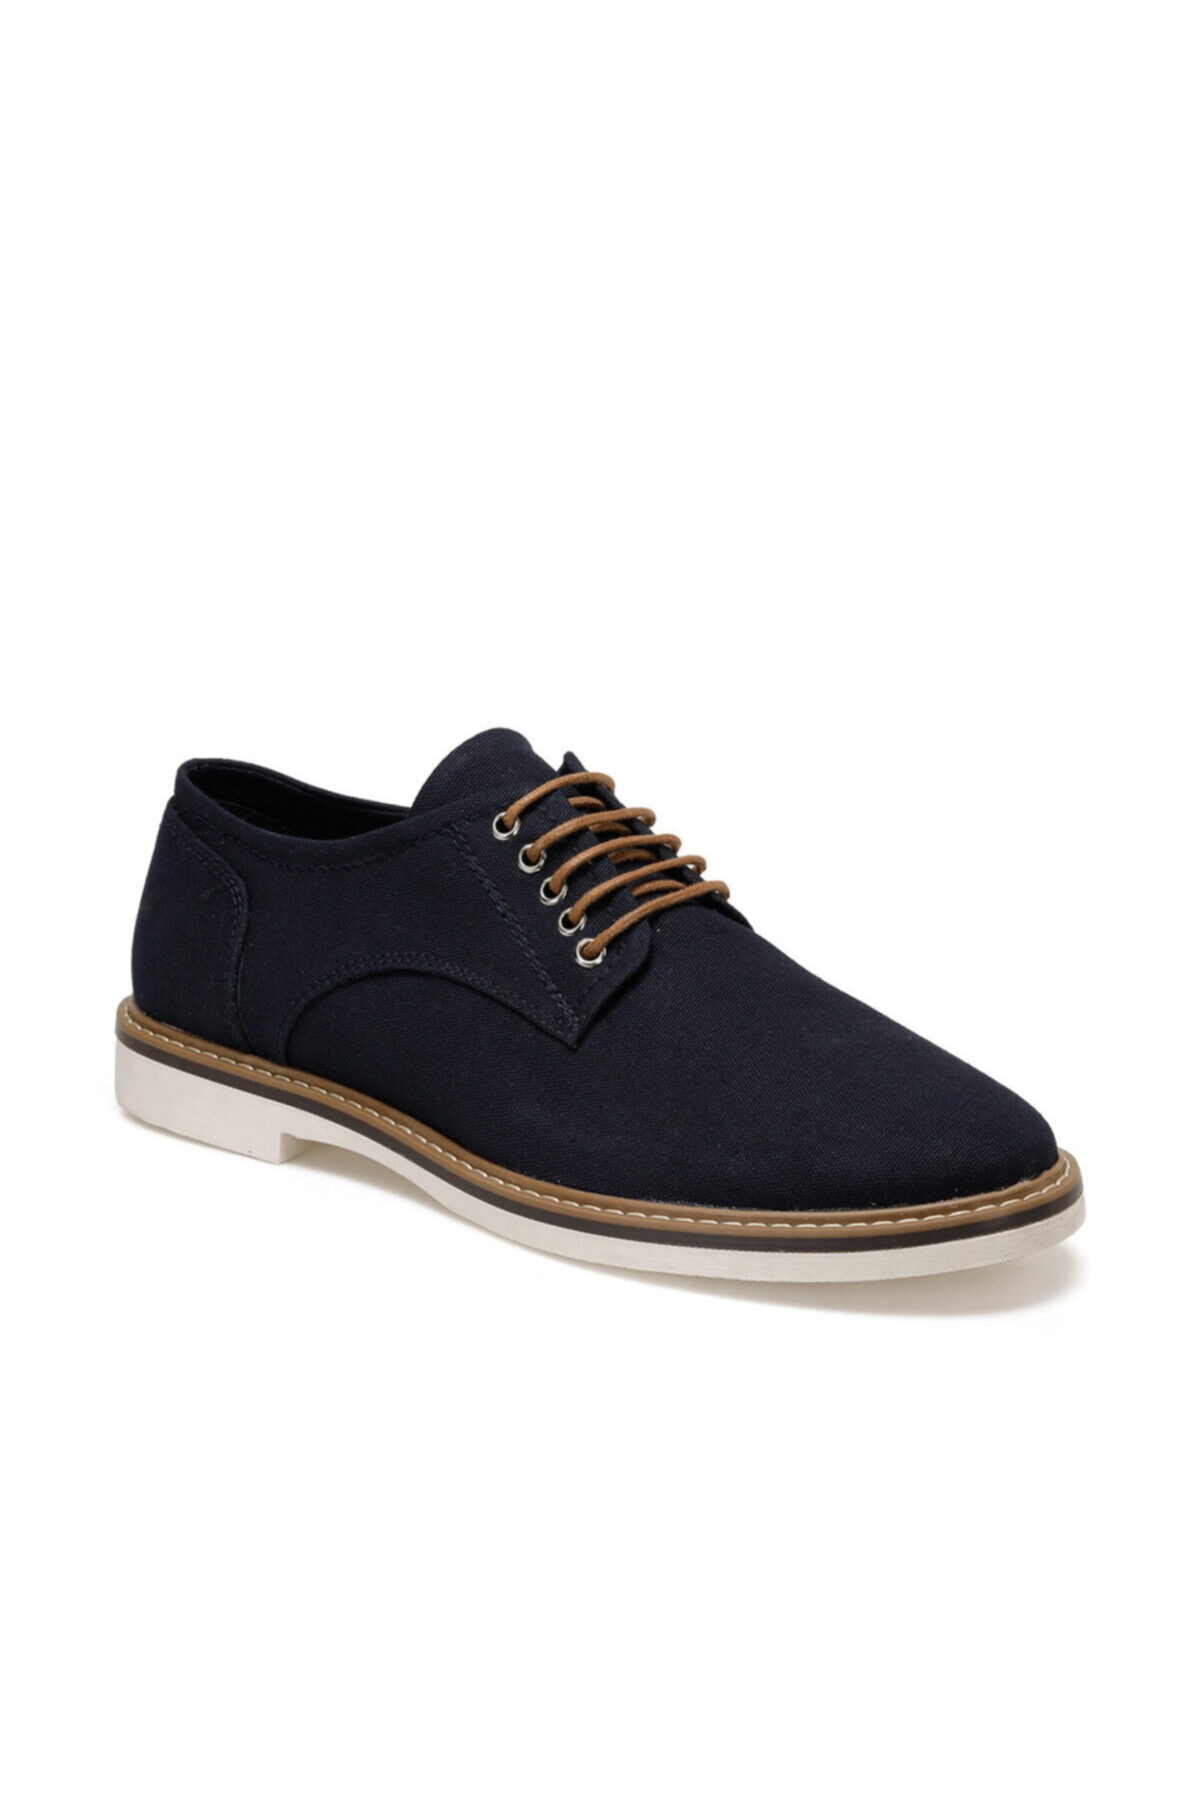 5661 Lacivert Erkek Klasik Ayakkabı 100518070